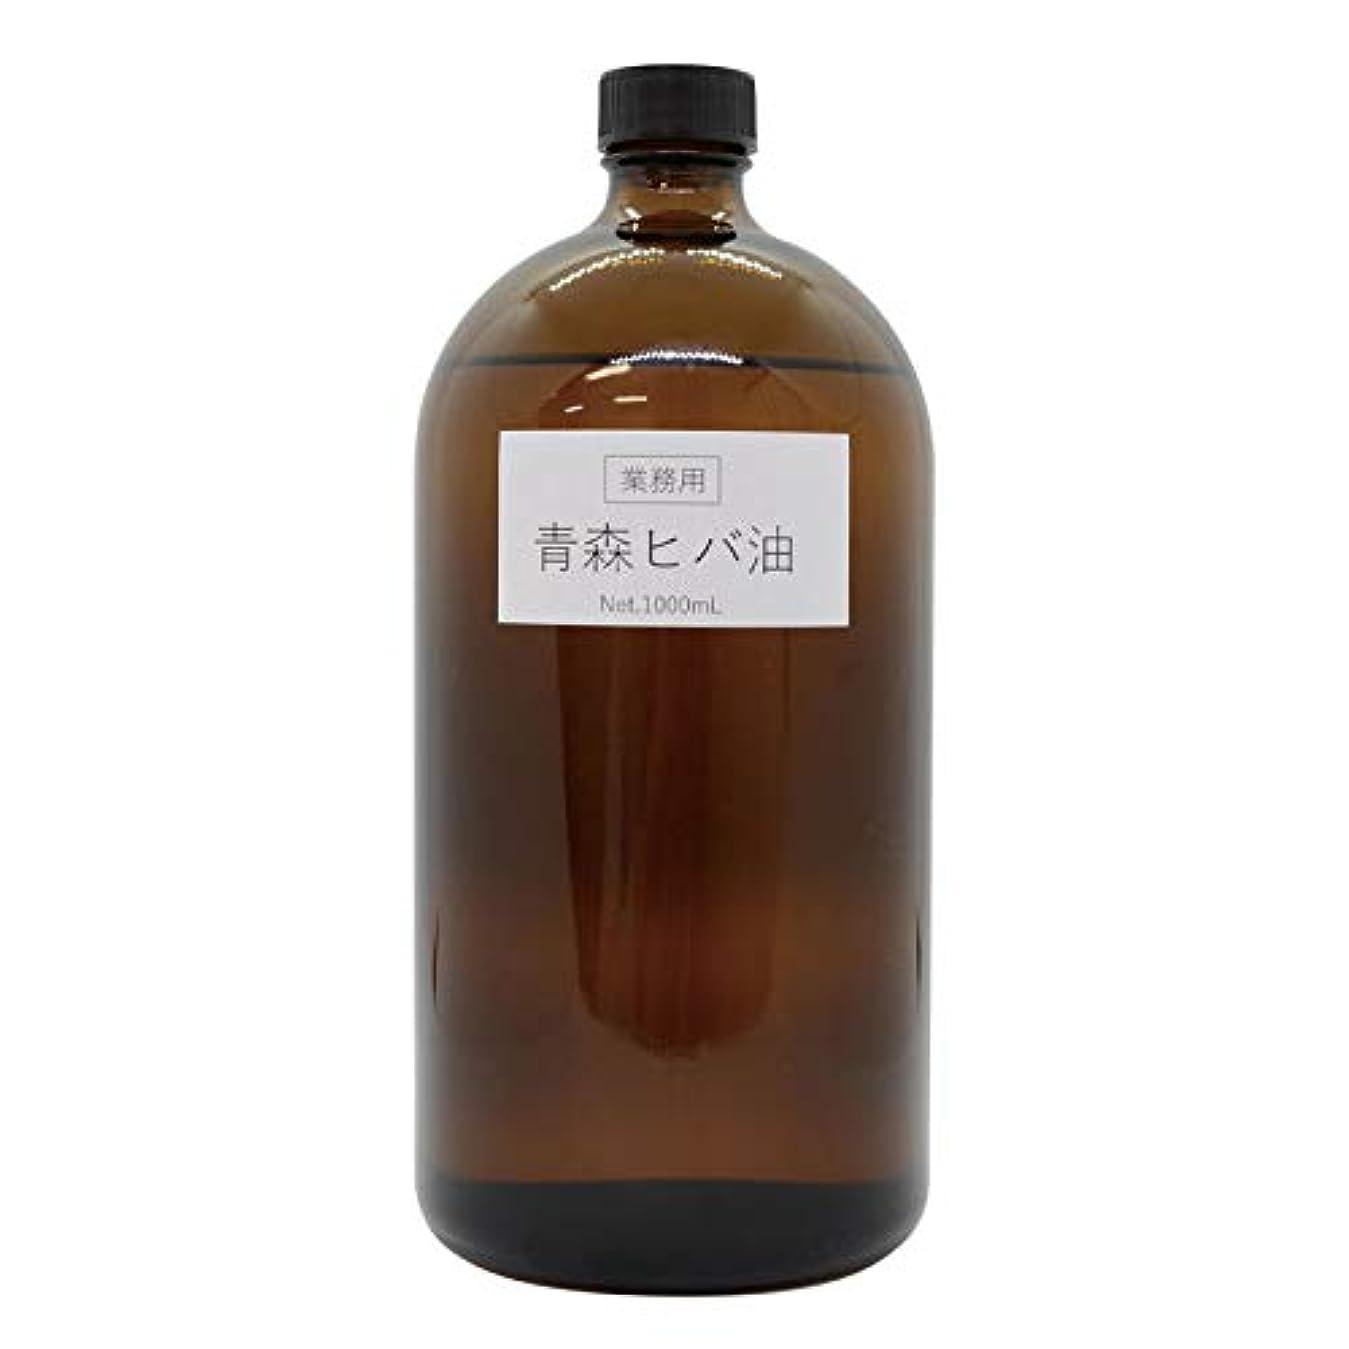 リフト服を洗う細心の業務用 青森ひば油 1000ml ヒバオイル